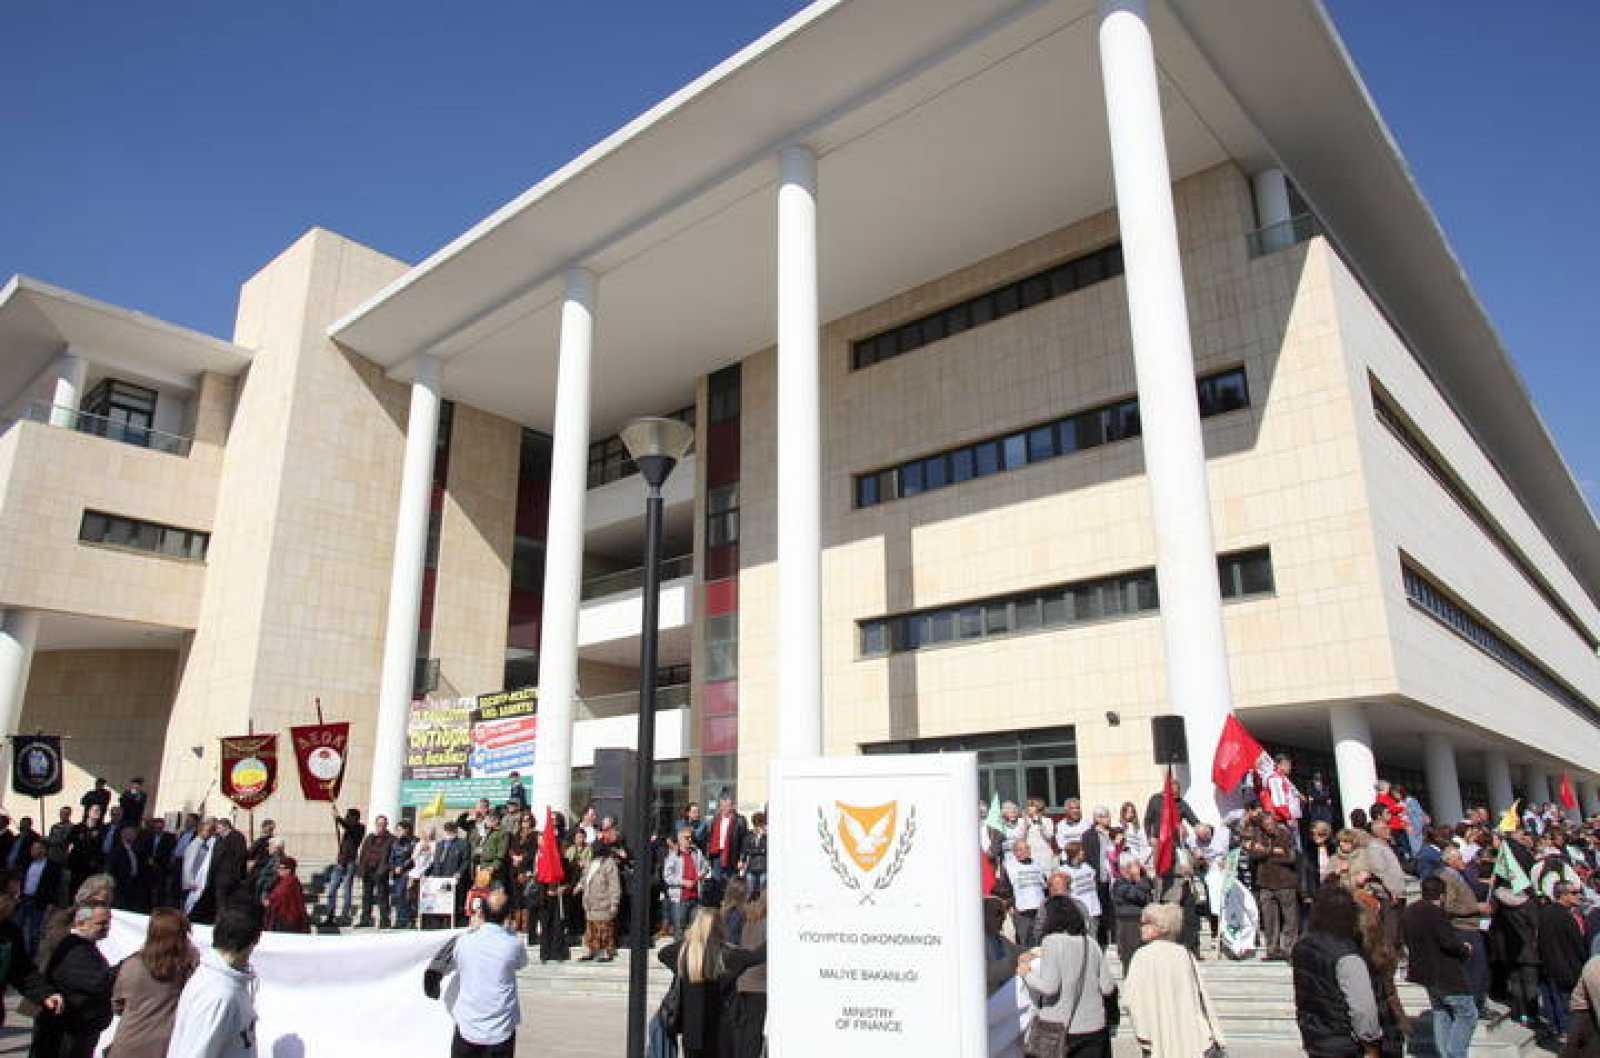 Manifestación contra las medidas de austeridad impuestas por la troika a Chipre frente al Ministerio de Finanzas en Nicosia